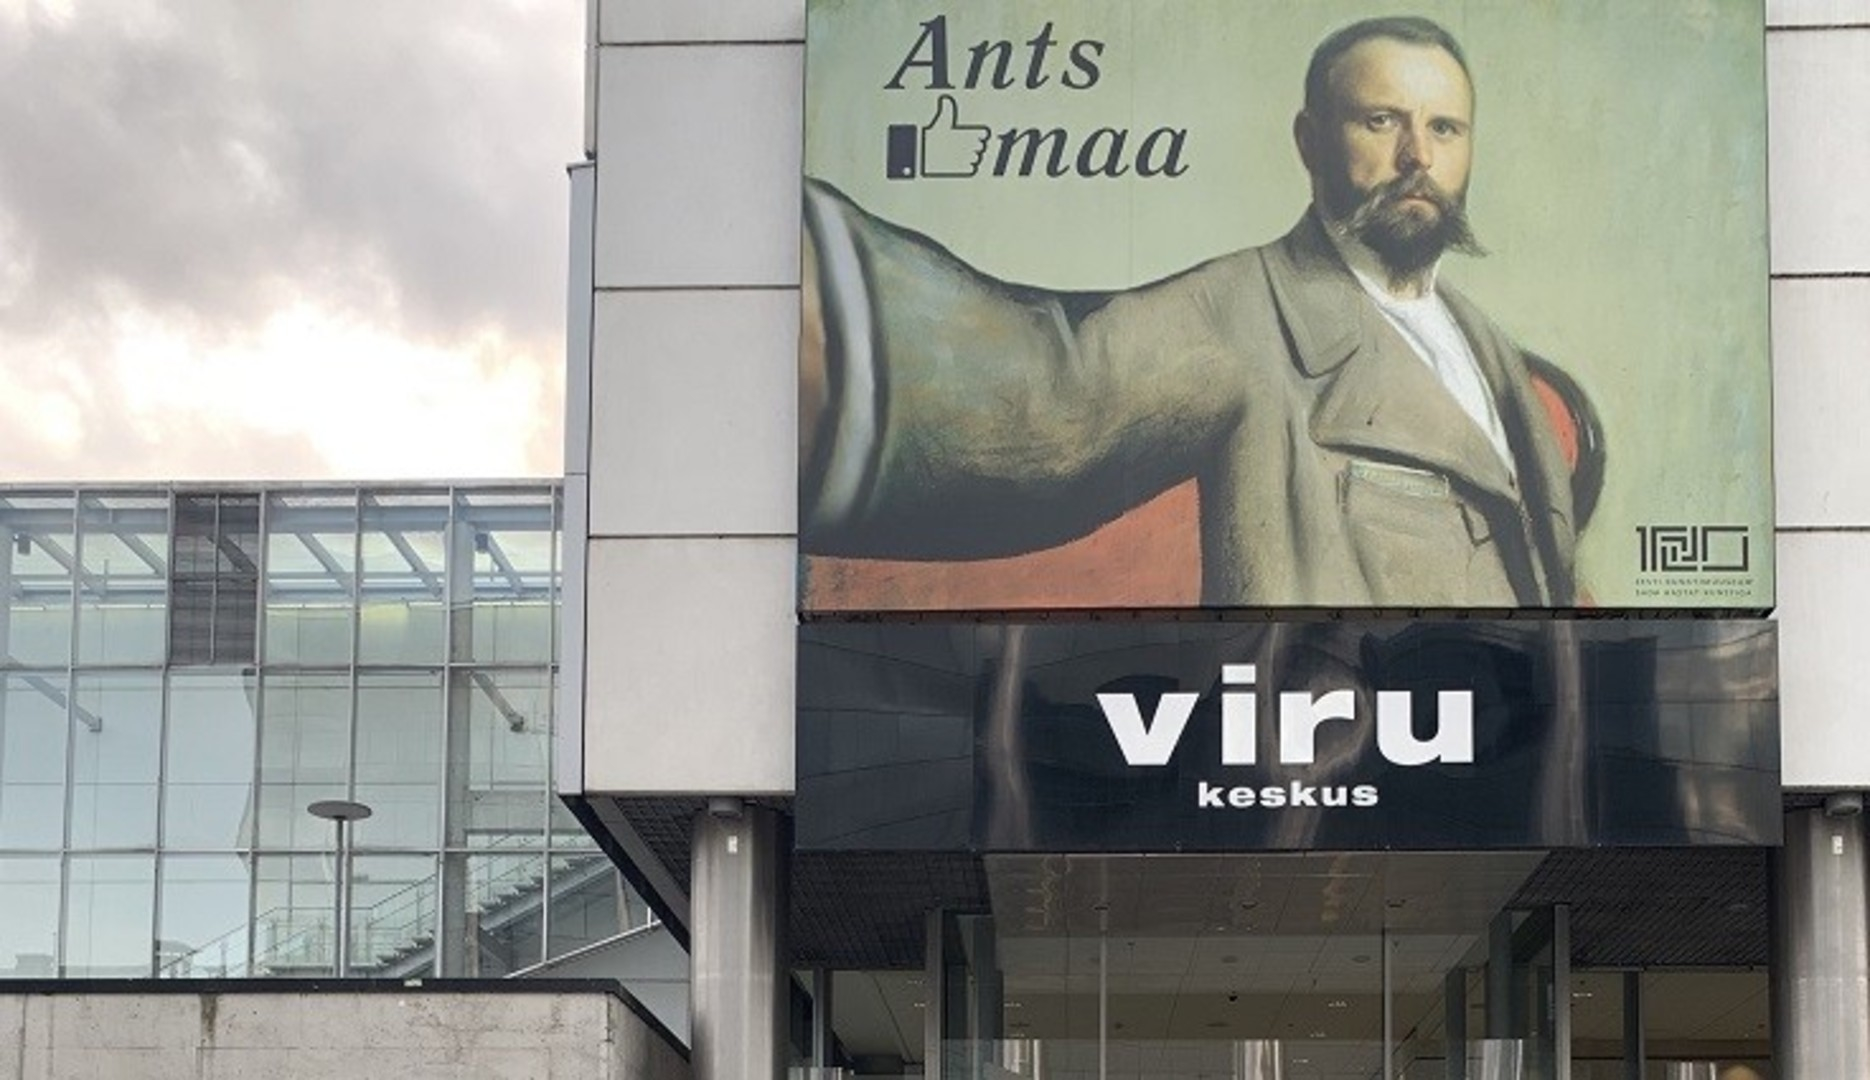 Viru keskuses ärkavad ellu Laikmaa kunstiteosed